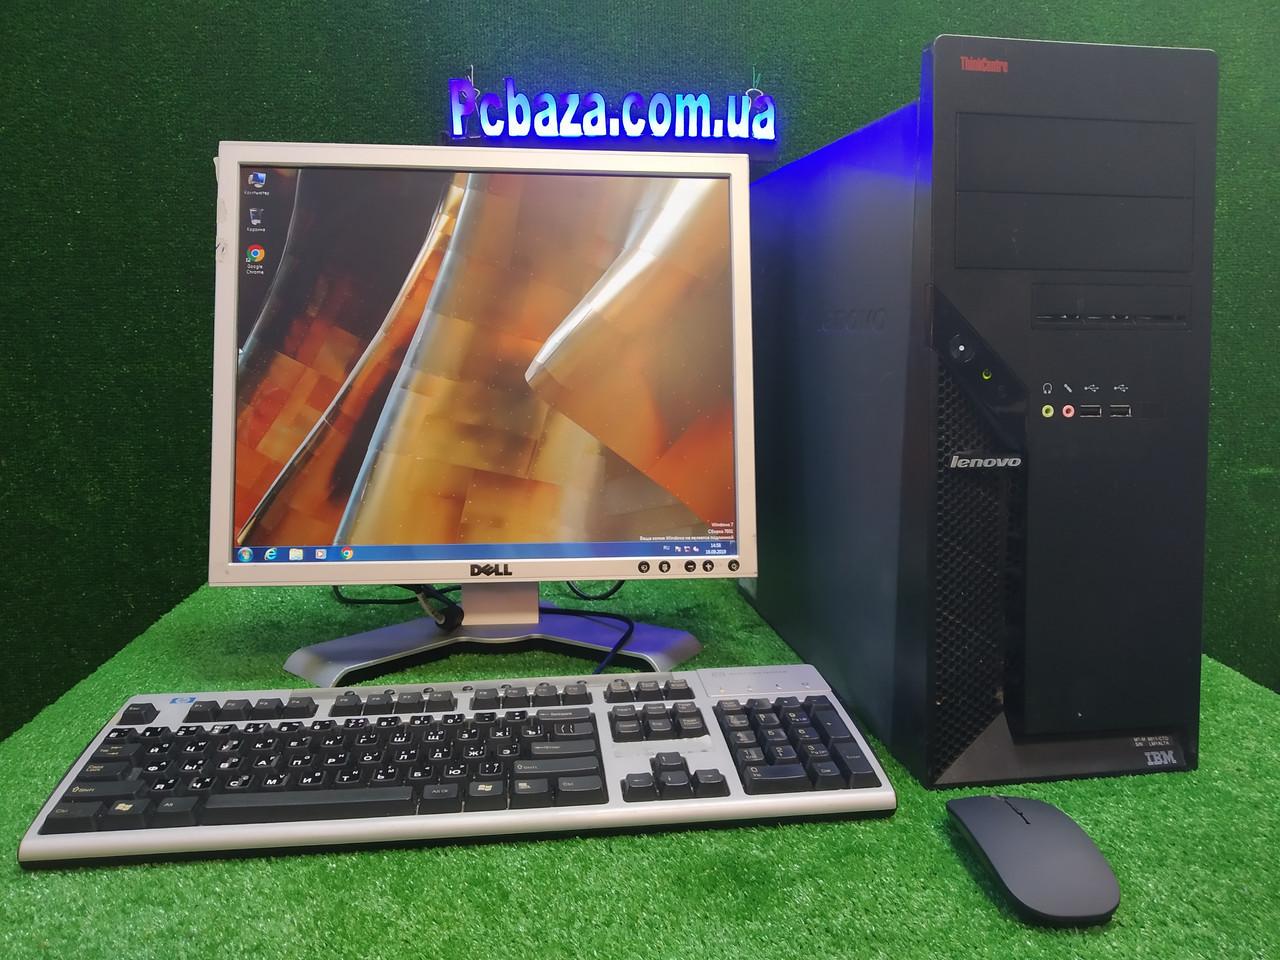 """Комплект Lenovo M55, 2 ядра, 4 ГБ ОЗУ, 320 Гб HDD + монитор 19"""" Dell, Полностью настроен!"""